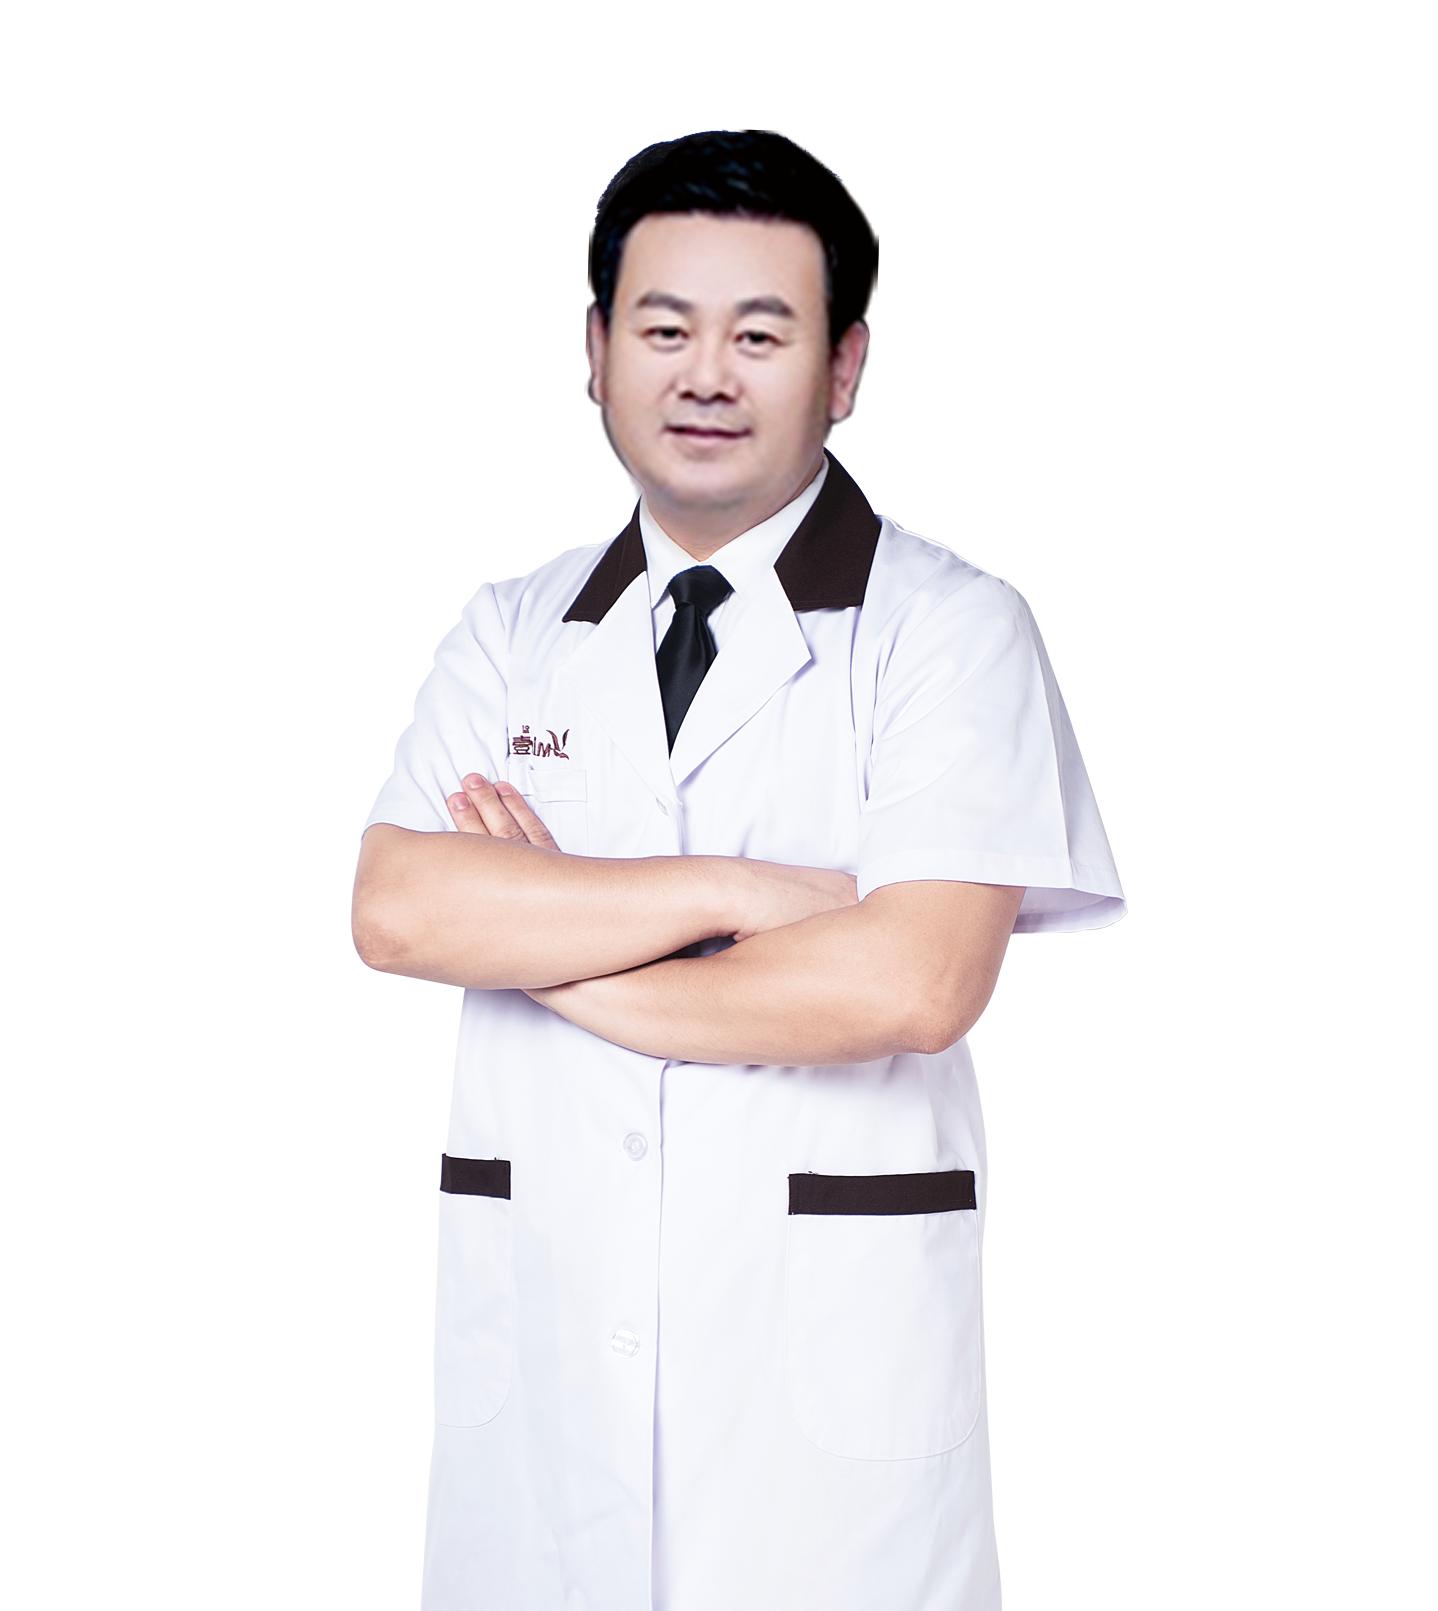 唐振利医生